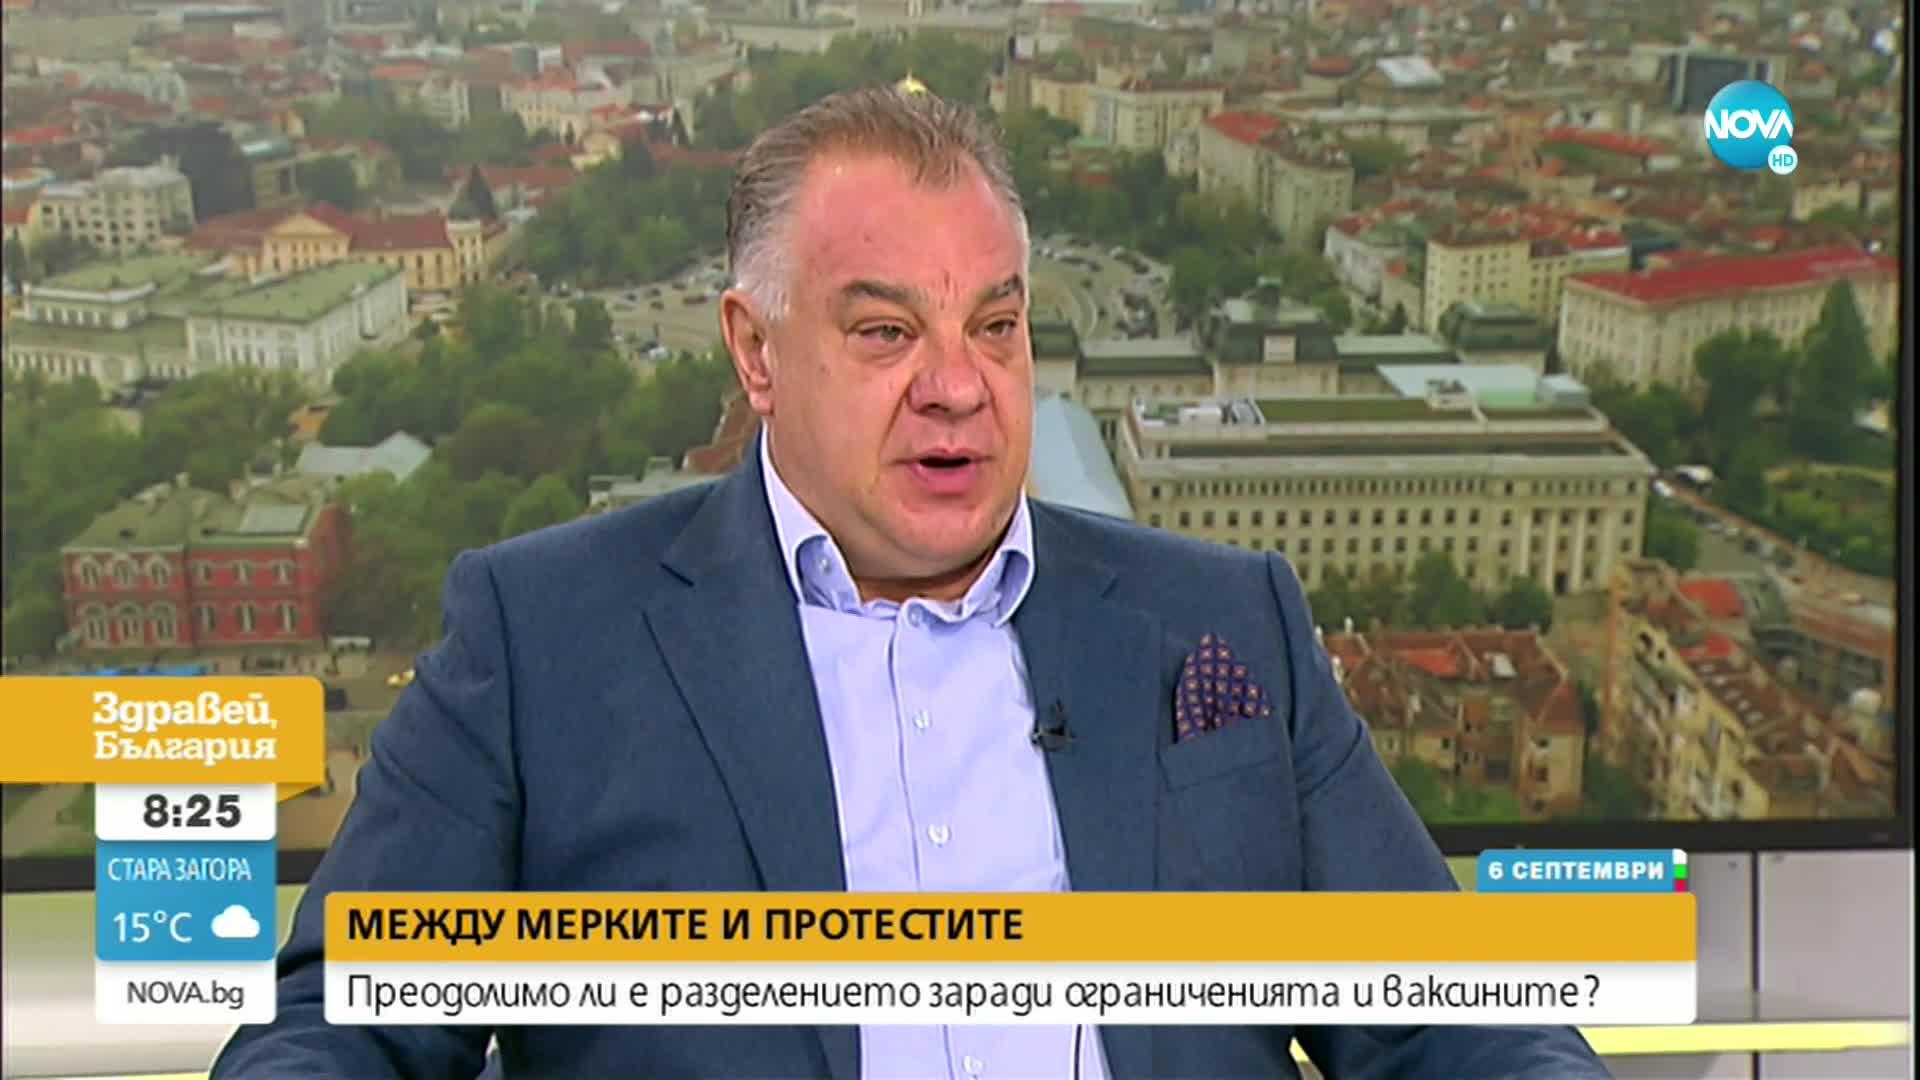 Д-р Ненков: Пациентопотокът лека полека нараства